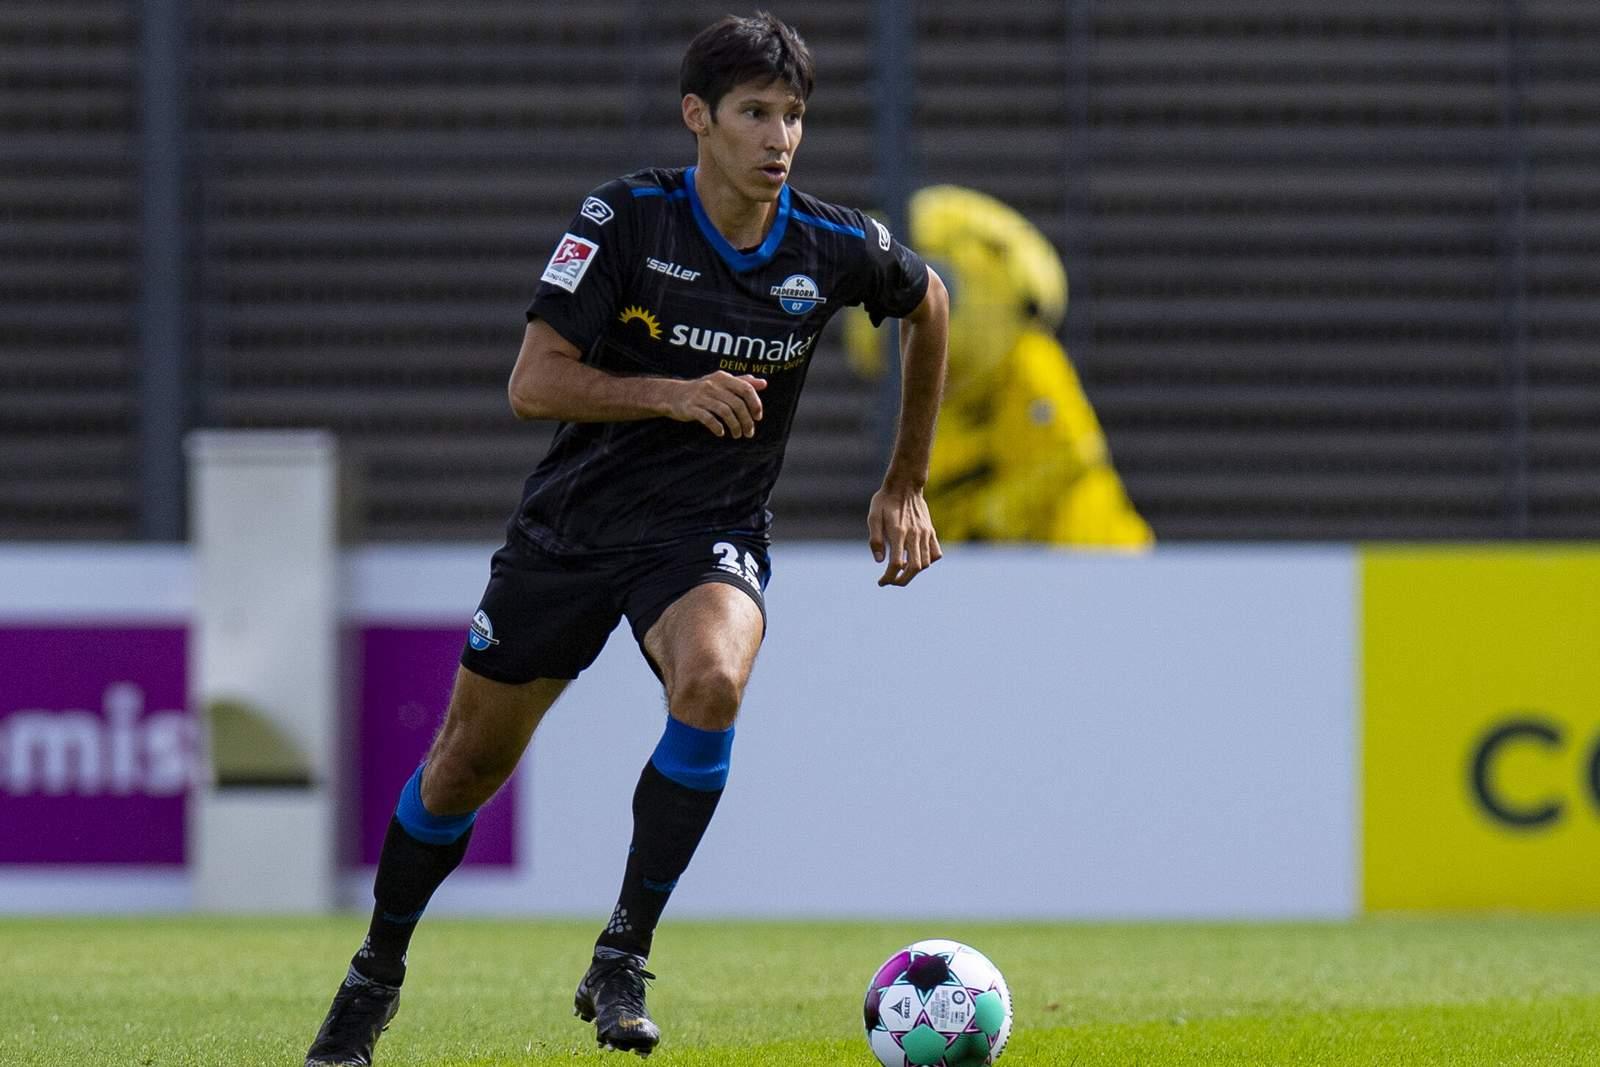 Marcel Correia vom SC Paderborn